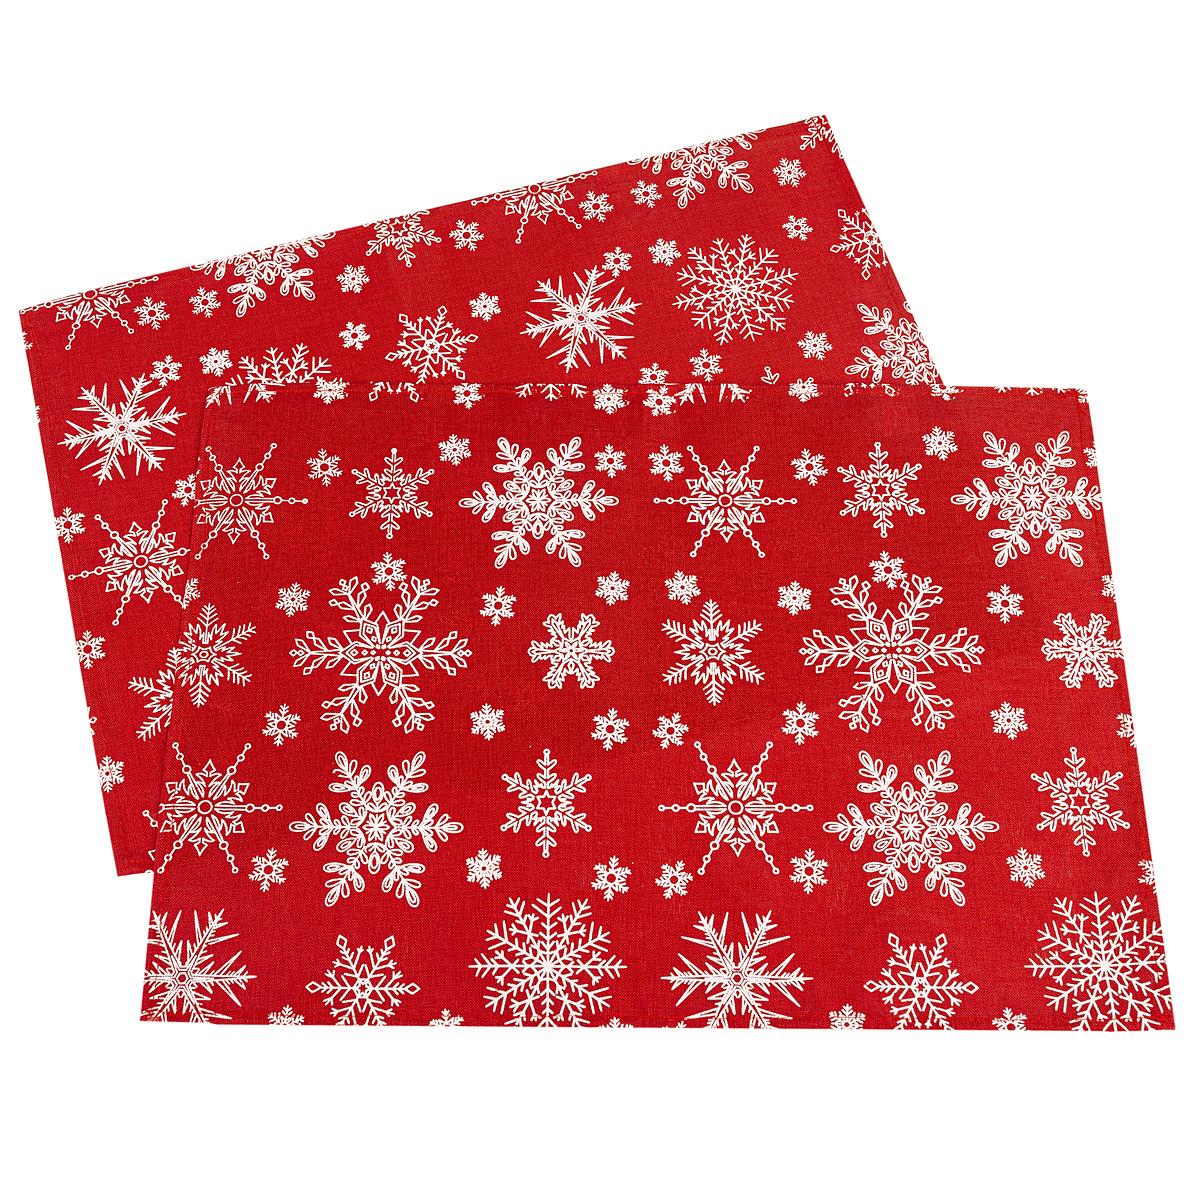 Dakls Vánoční prostírání Vločka červená, 32 x 45 cm, sada 2 ks